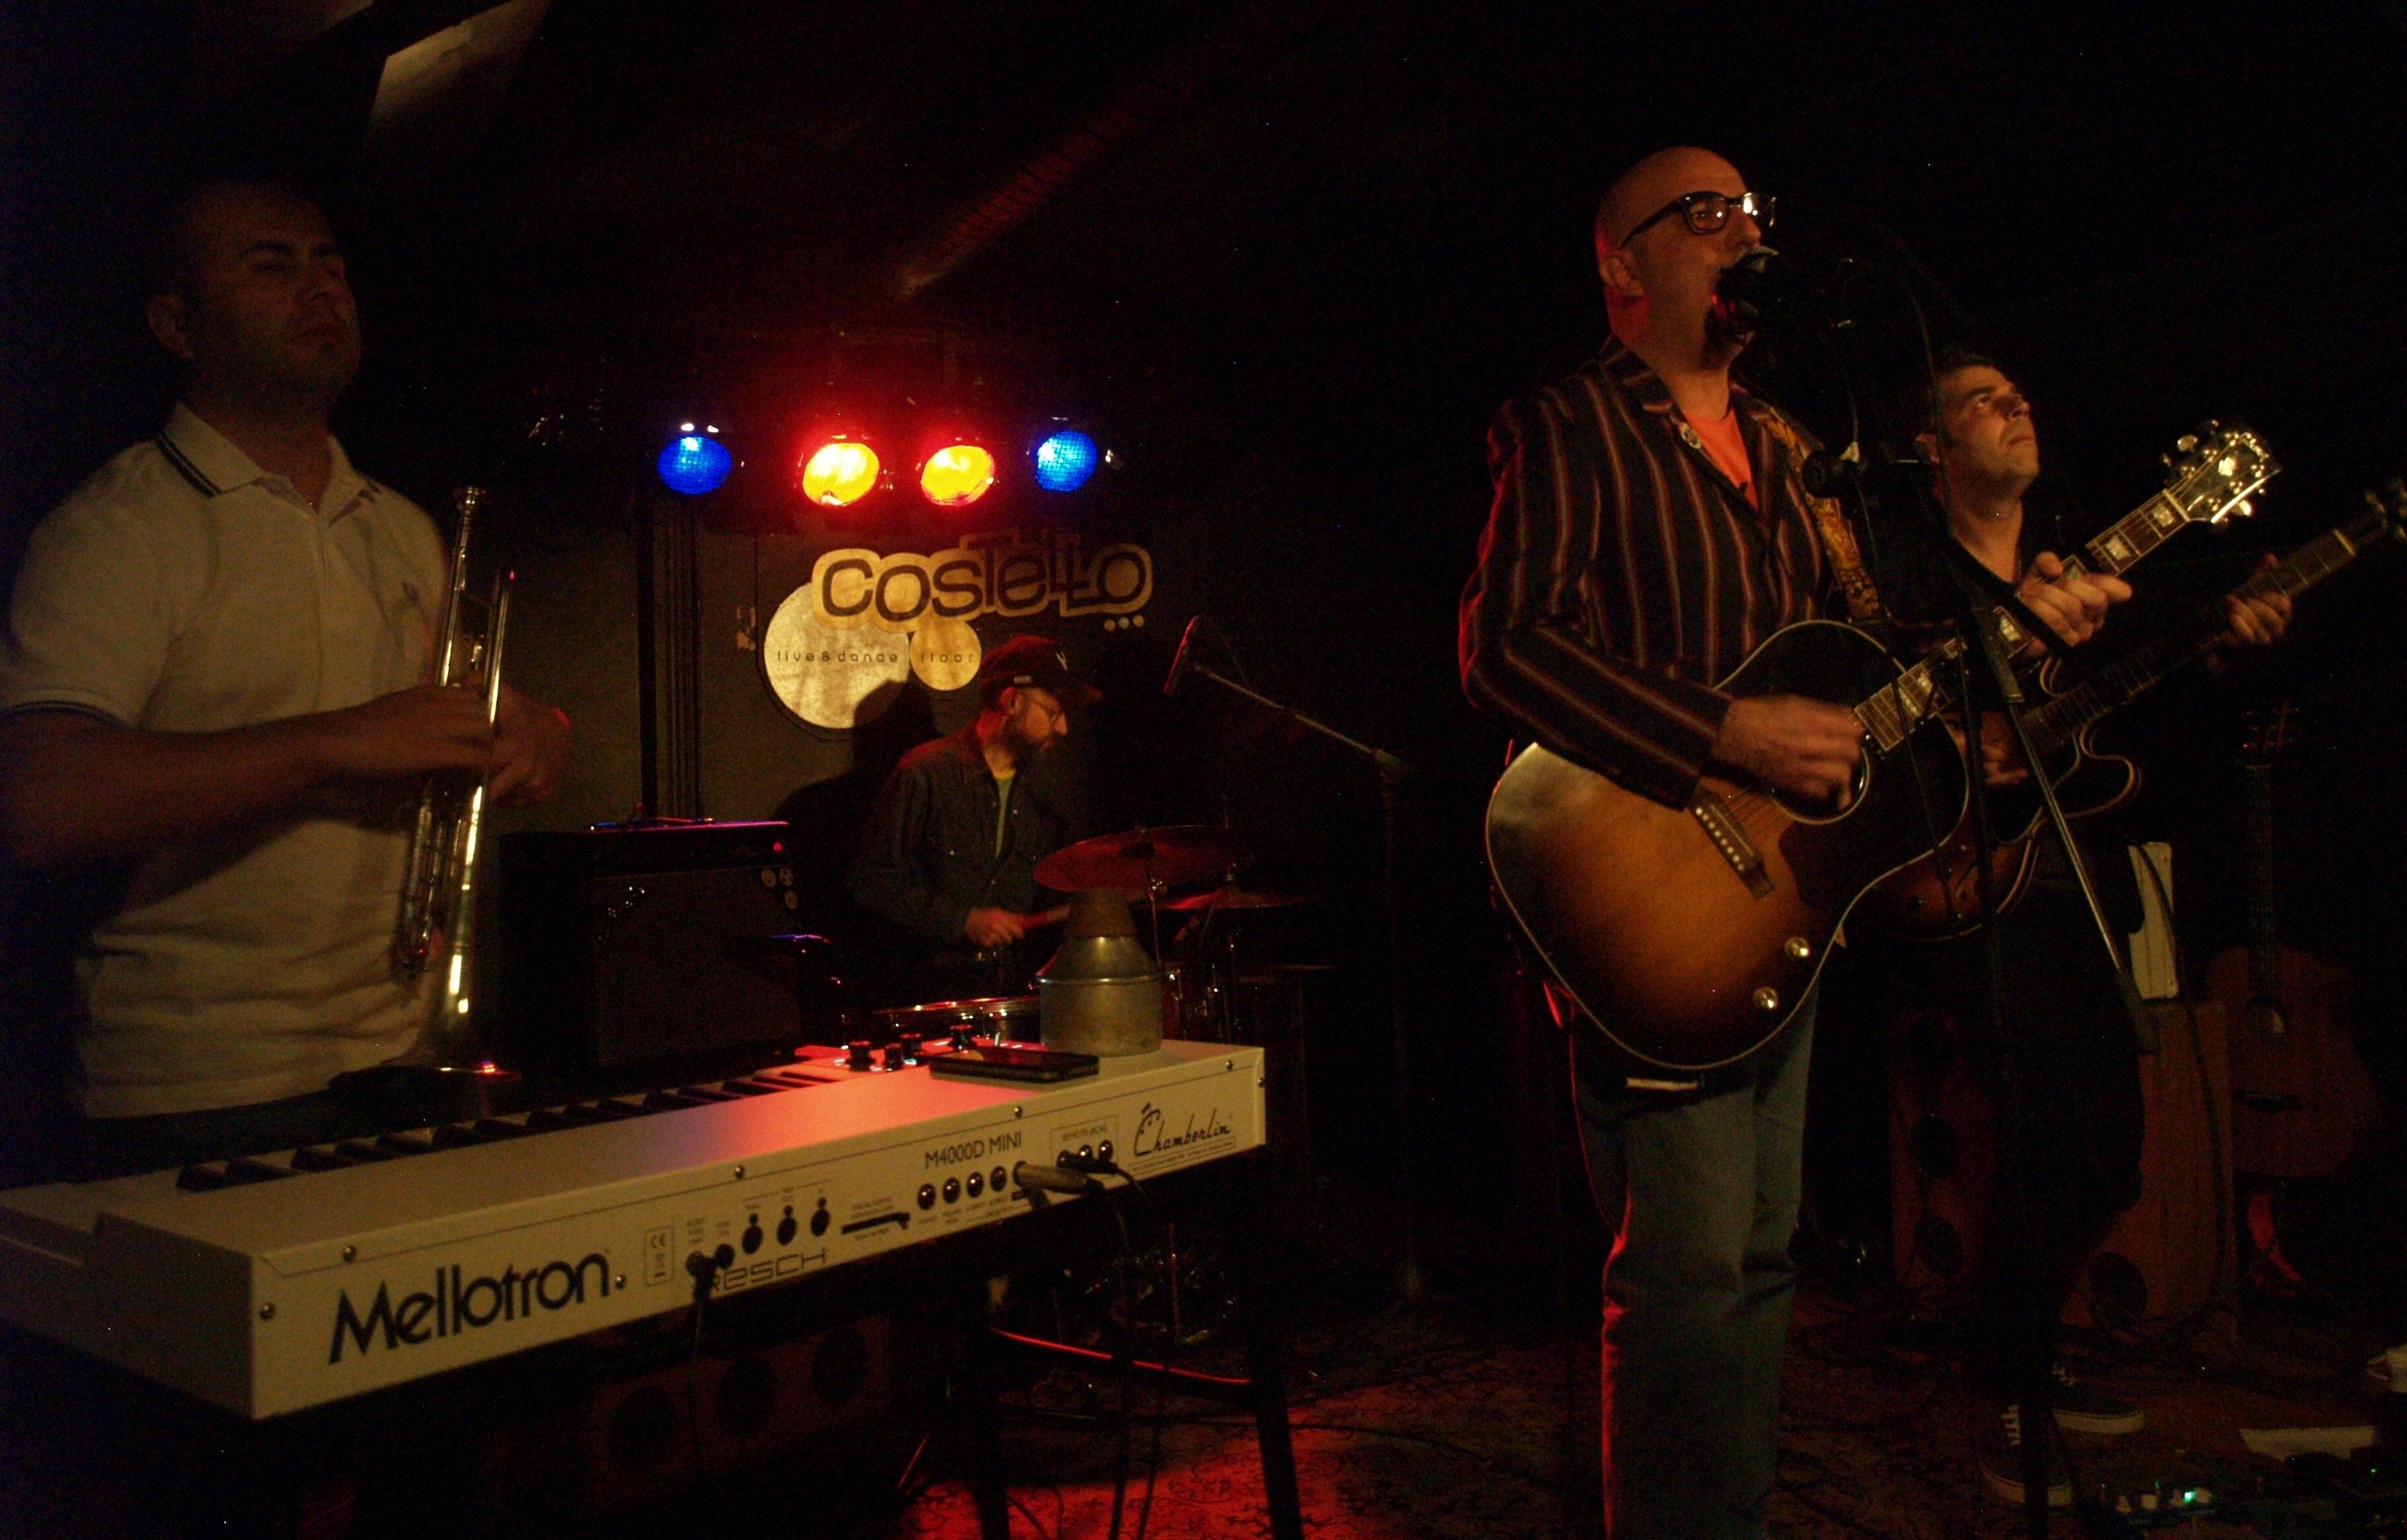 Uno de los maestros de la palabra volvió a Madrid y desplegó su directo en Costello Club, Nico con su banda nos demostró que el paso de los años […]